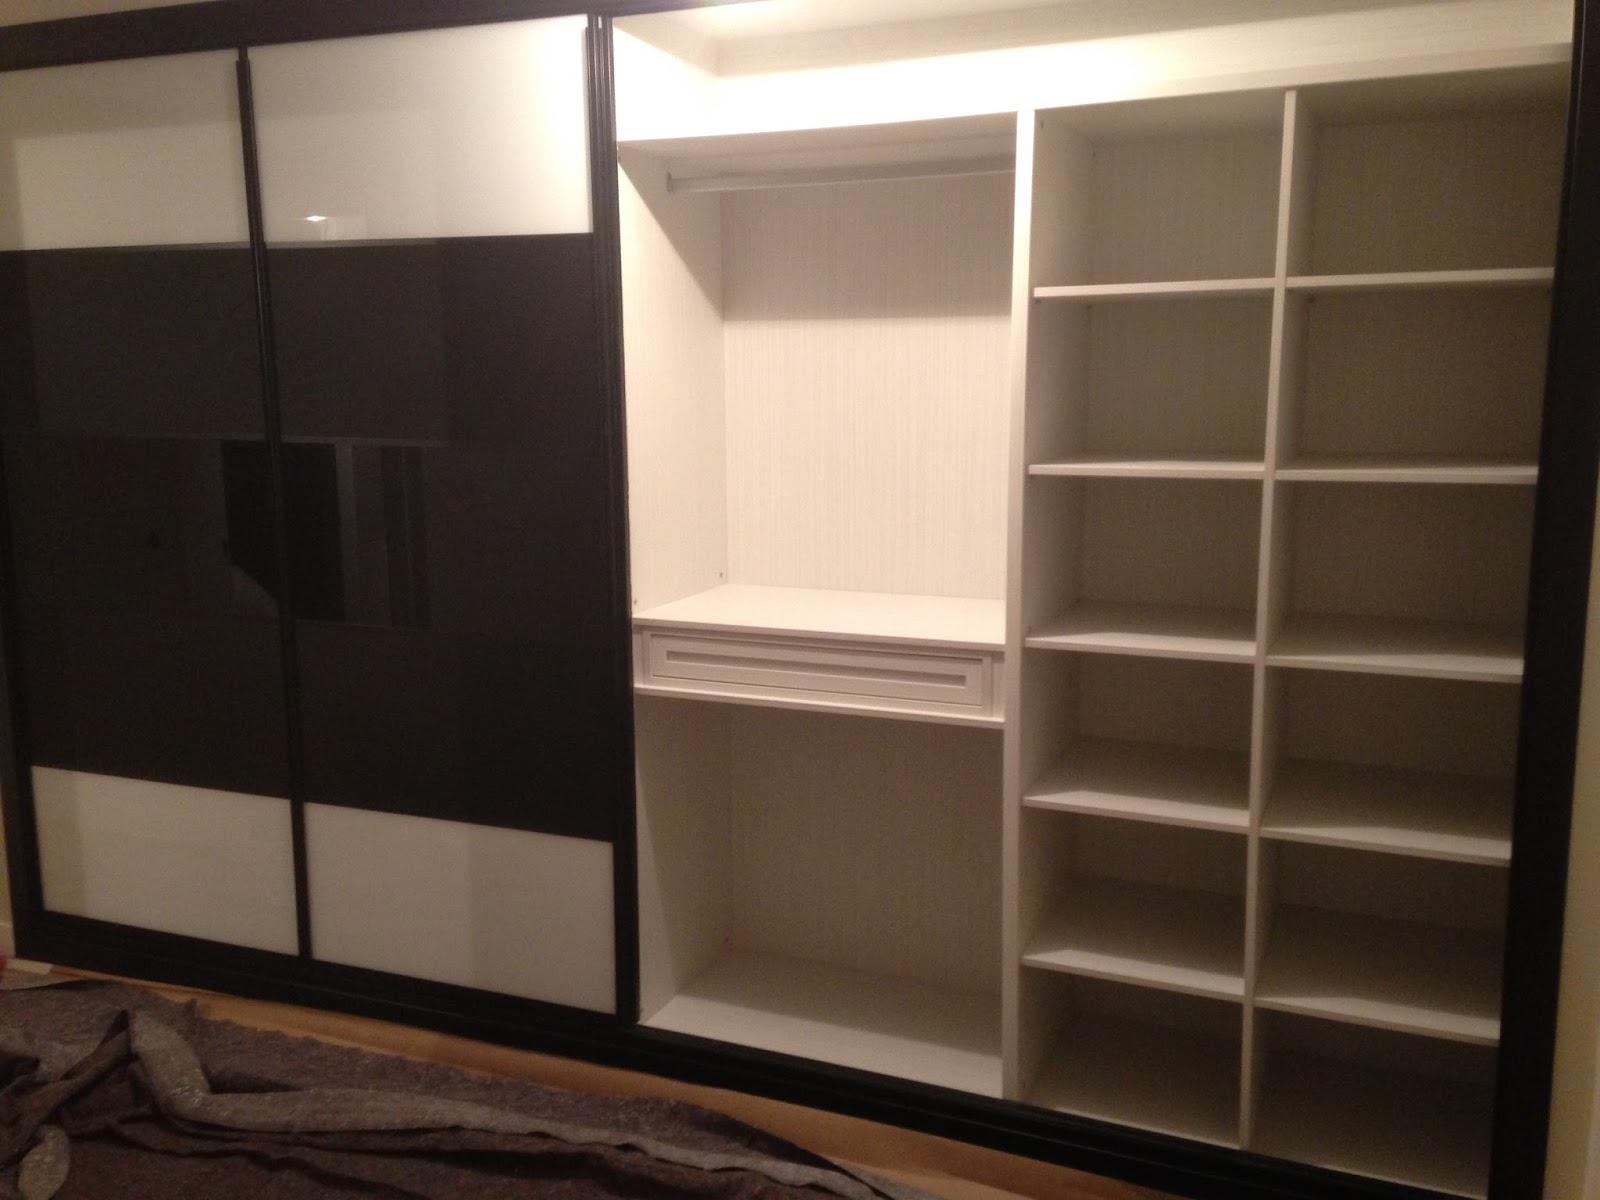 Dise o de interior de armarios empotrados ch decora for Distribucion de armarios empotrados por dentro